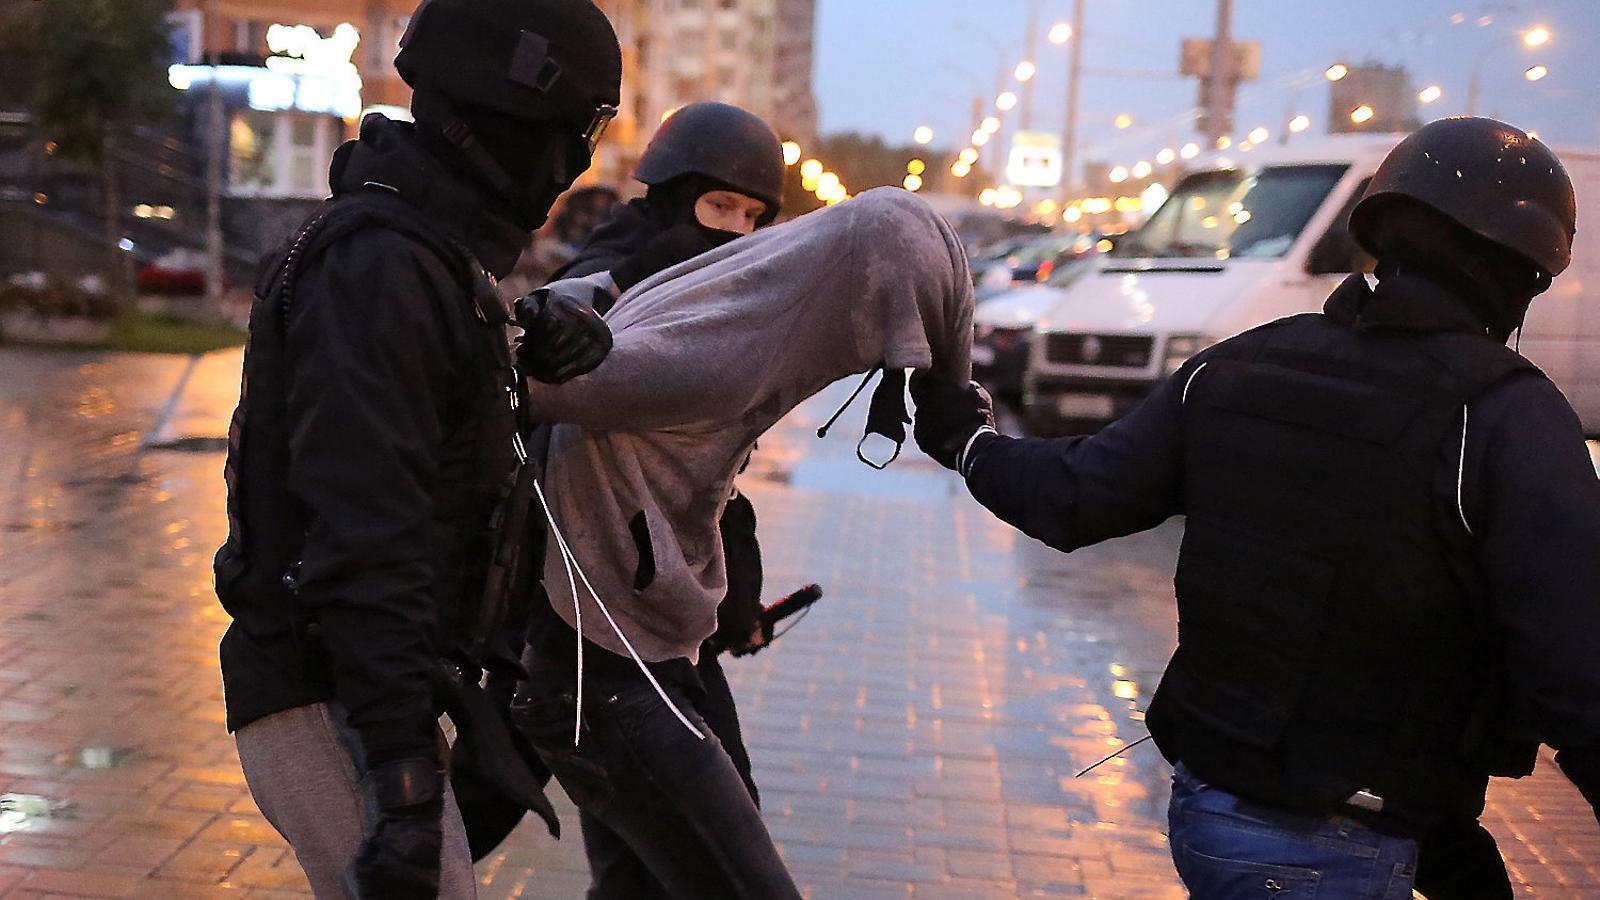 El país on cal pagar per manifestar-se